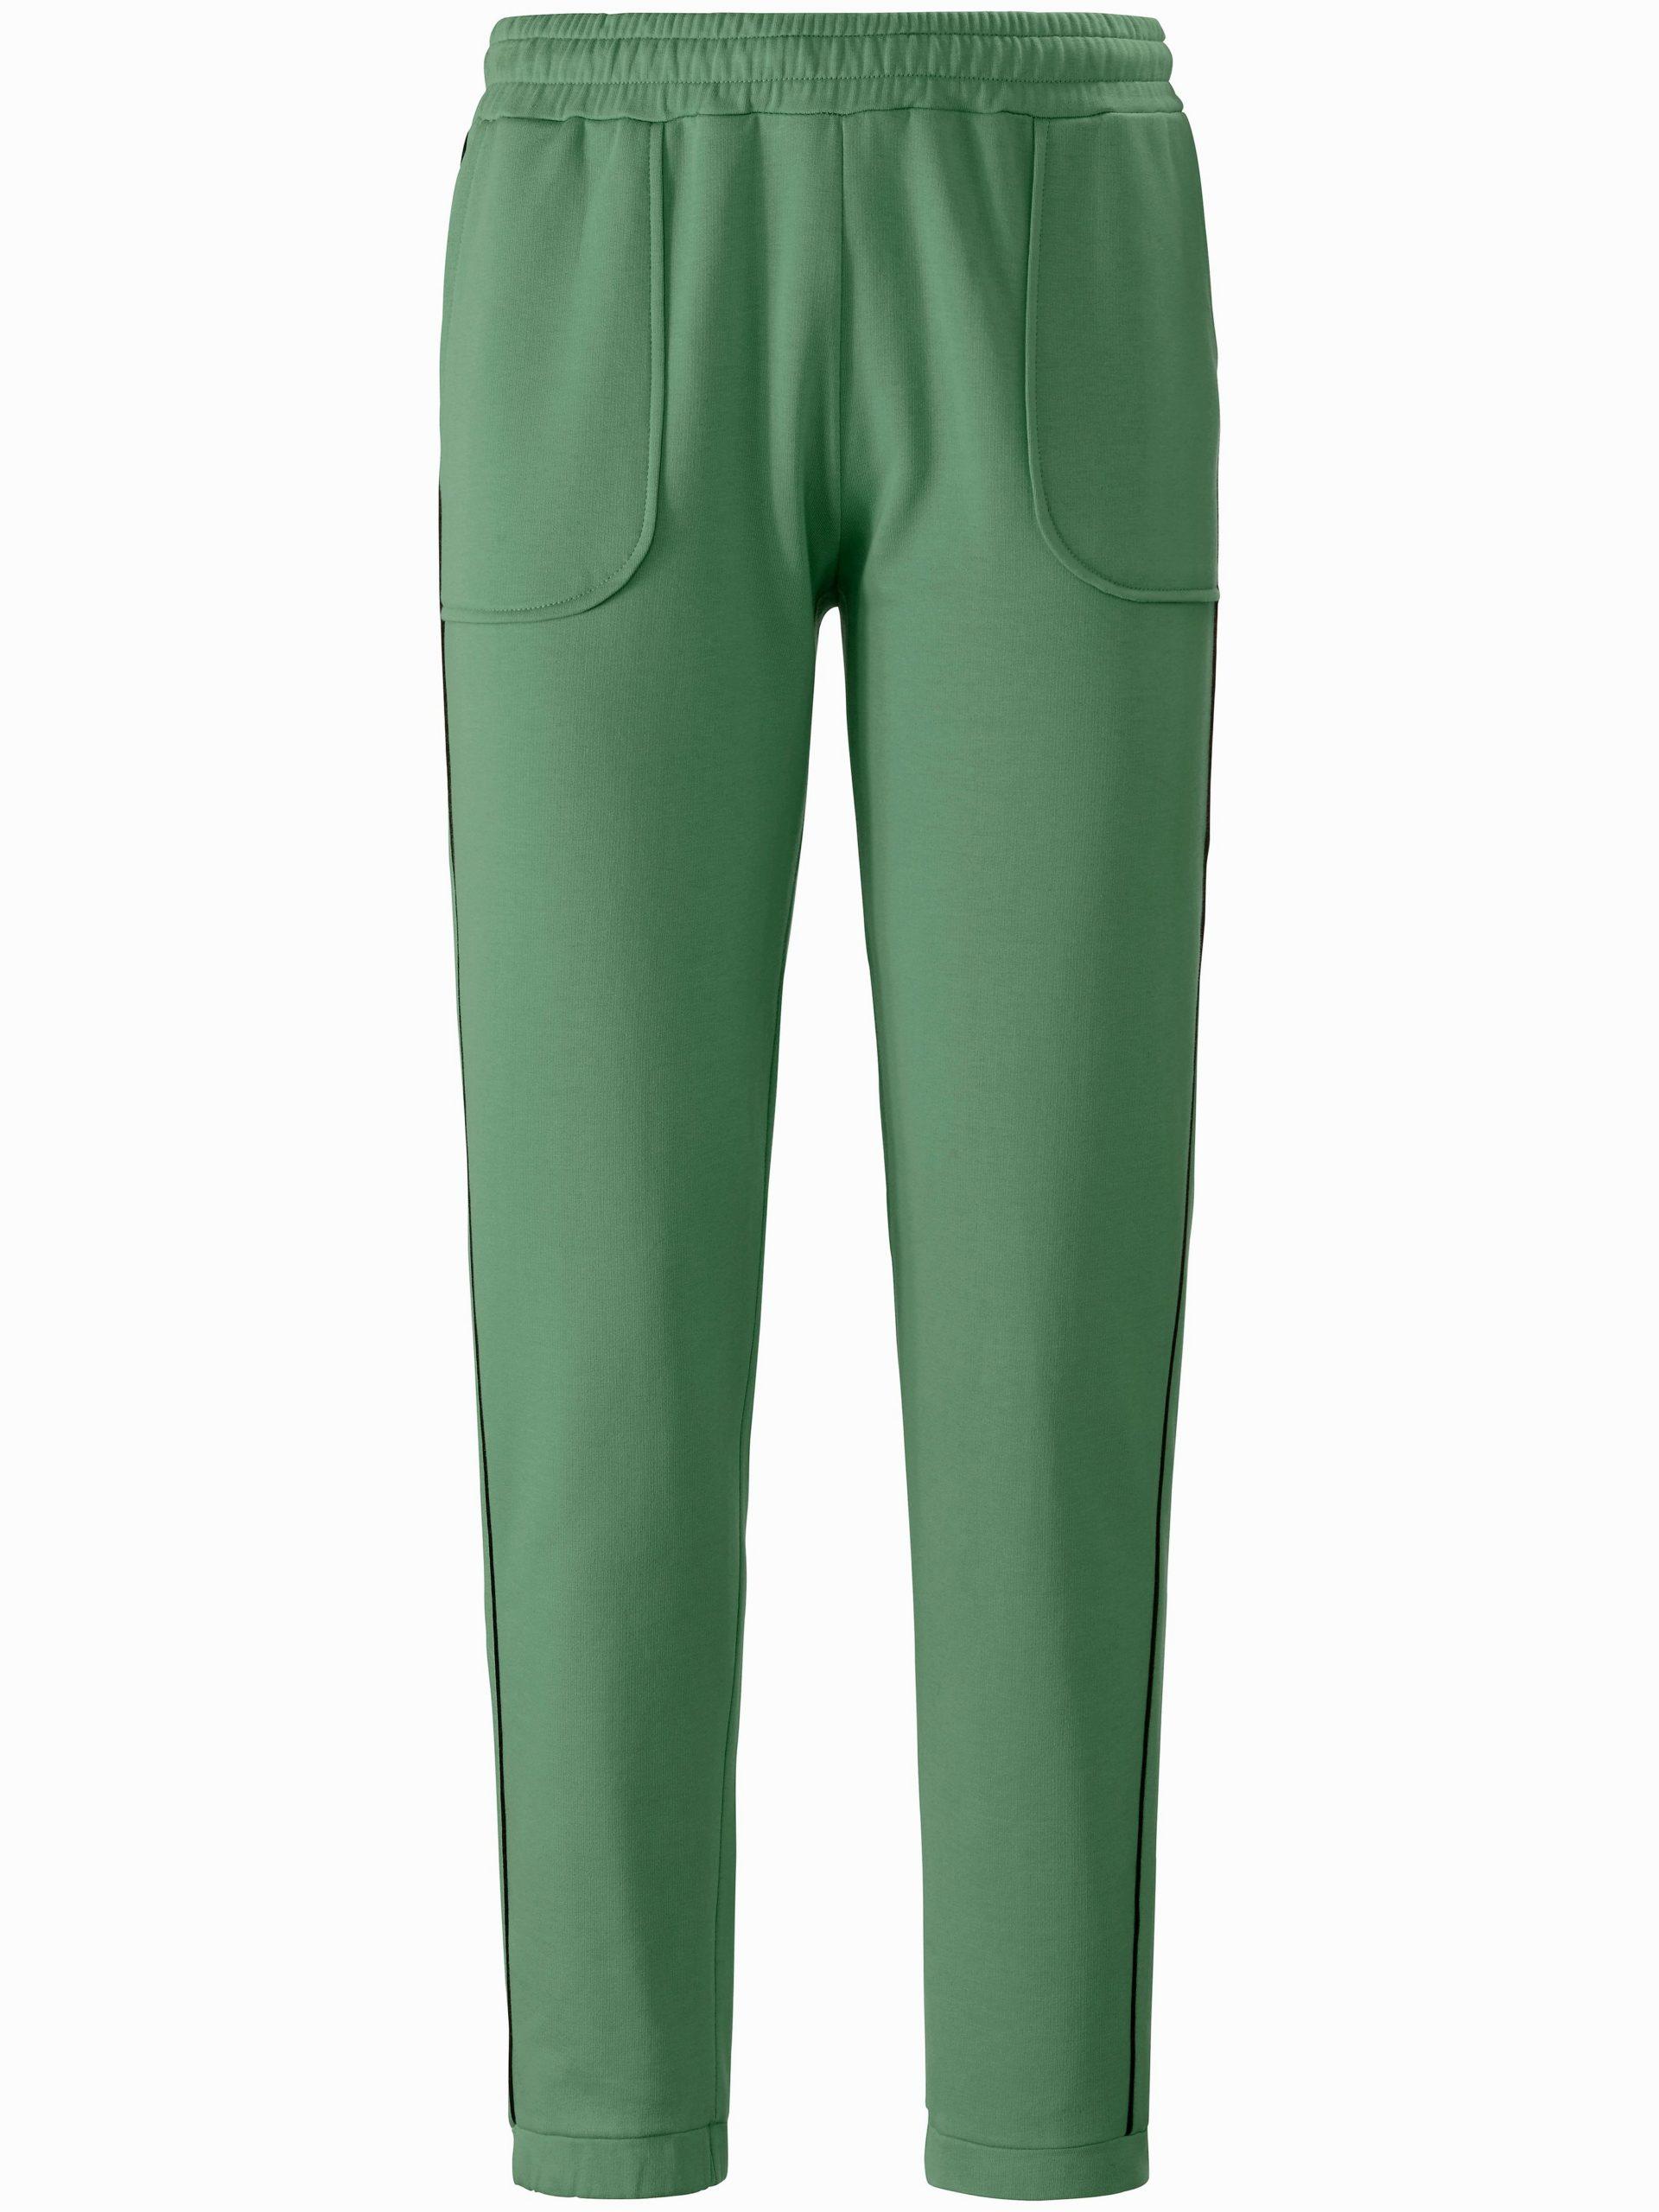 Enkellange sweatbroek met contrasterend paspel Van MYBC groen Kopen